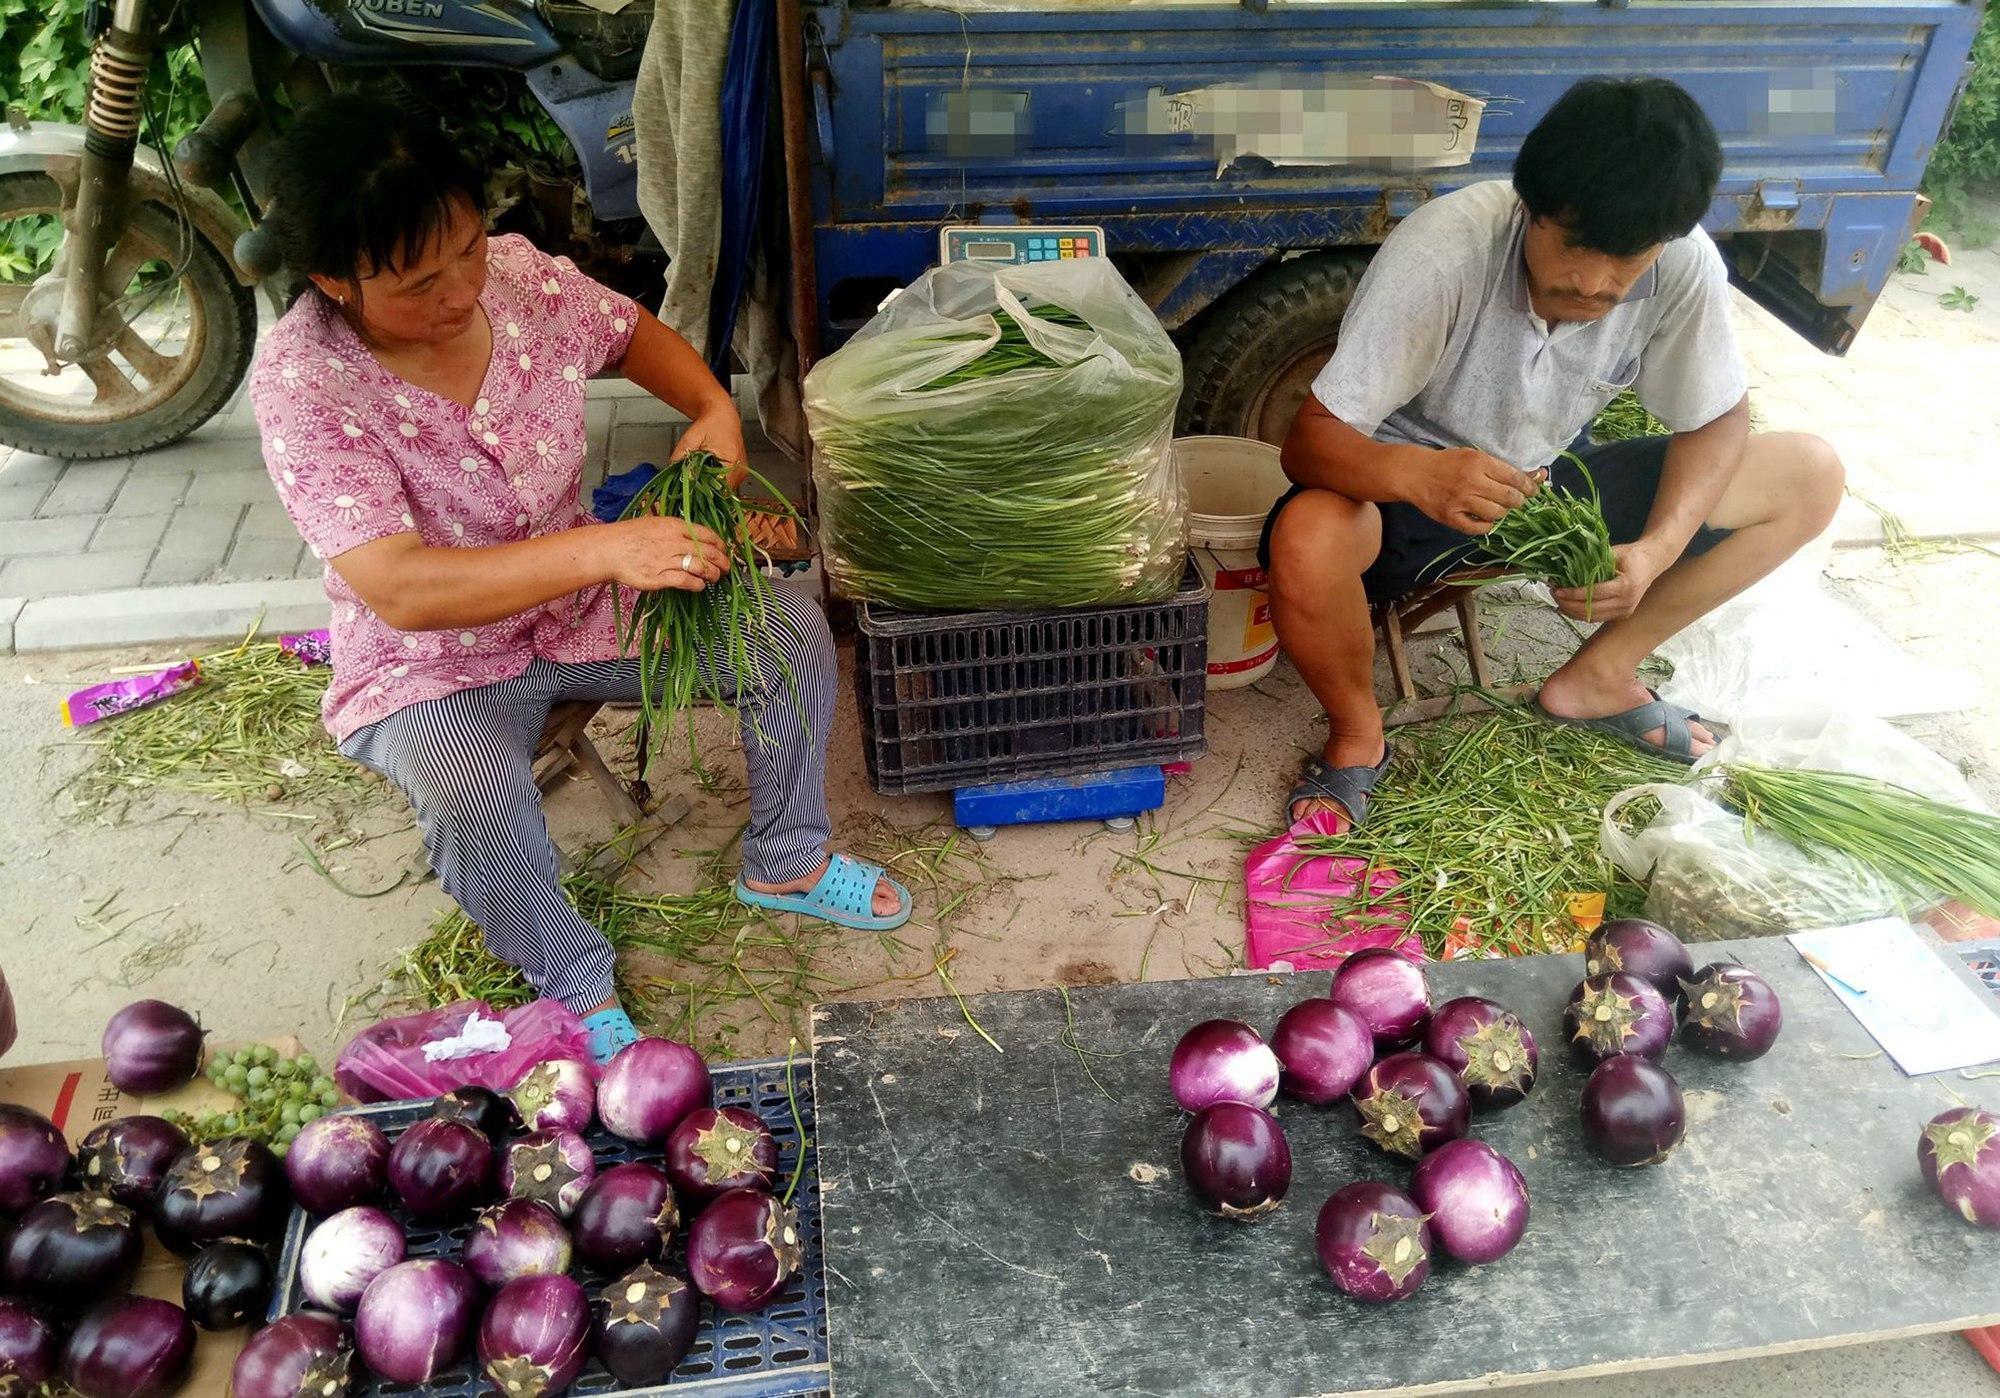 38度高温农民夫妻二人大集上卖韭菜,说出儿子没娶媳妇原因